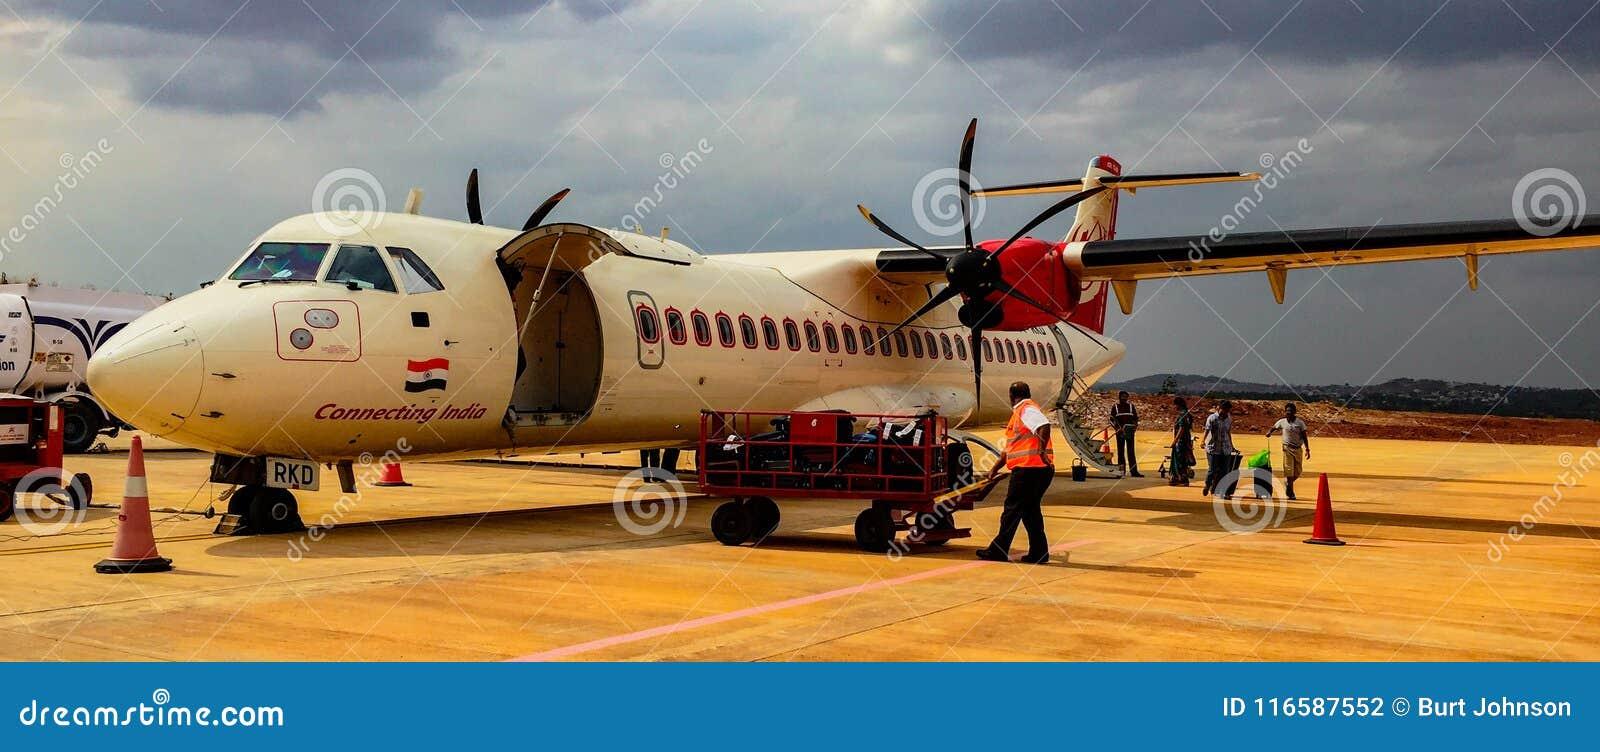 Το στροβιλο αεροπλάνο στηριγμάτων κάθεται στους επιβάτες φόρτωσης tarmac και luggag